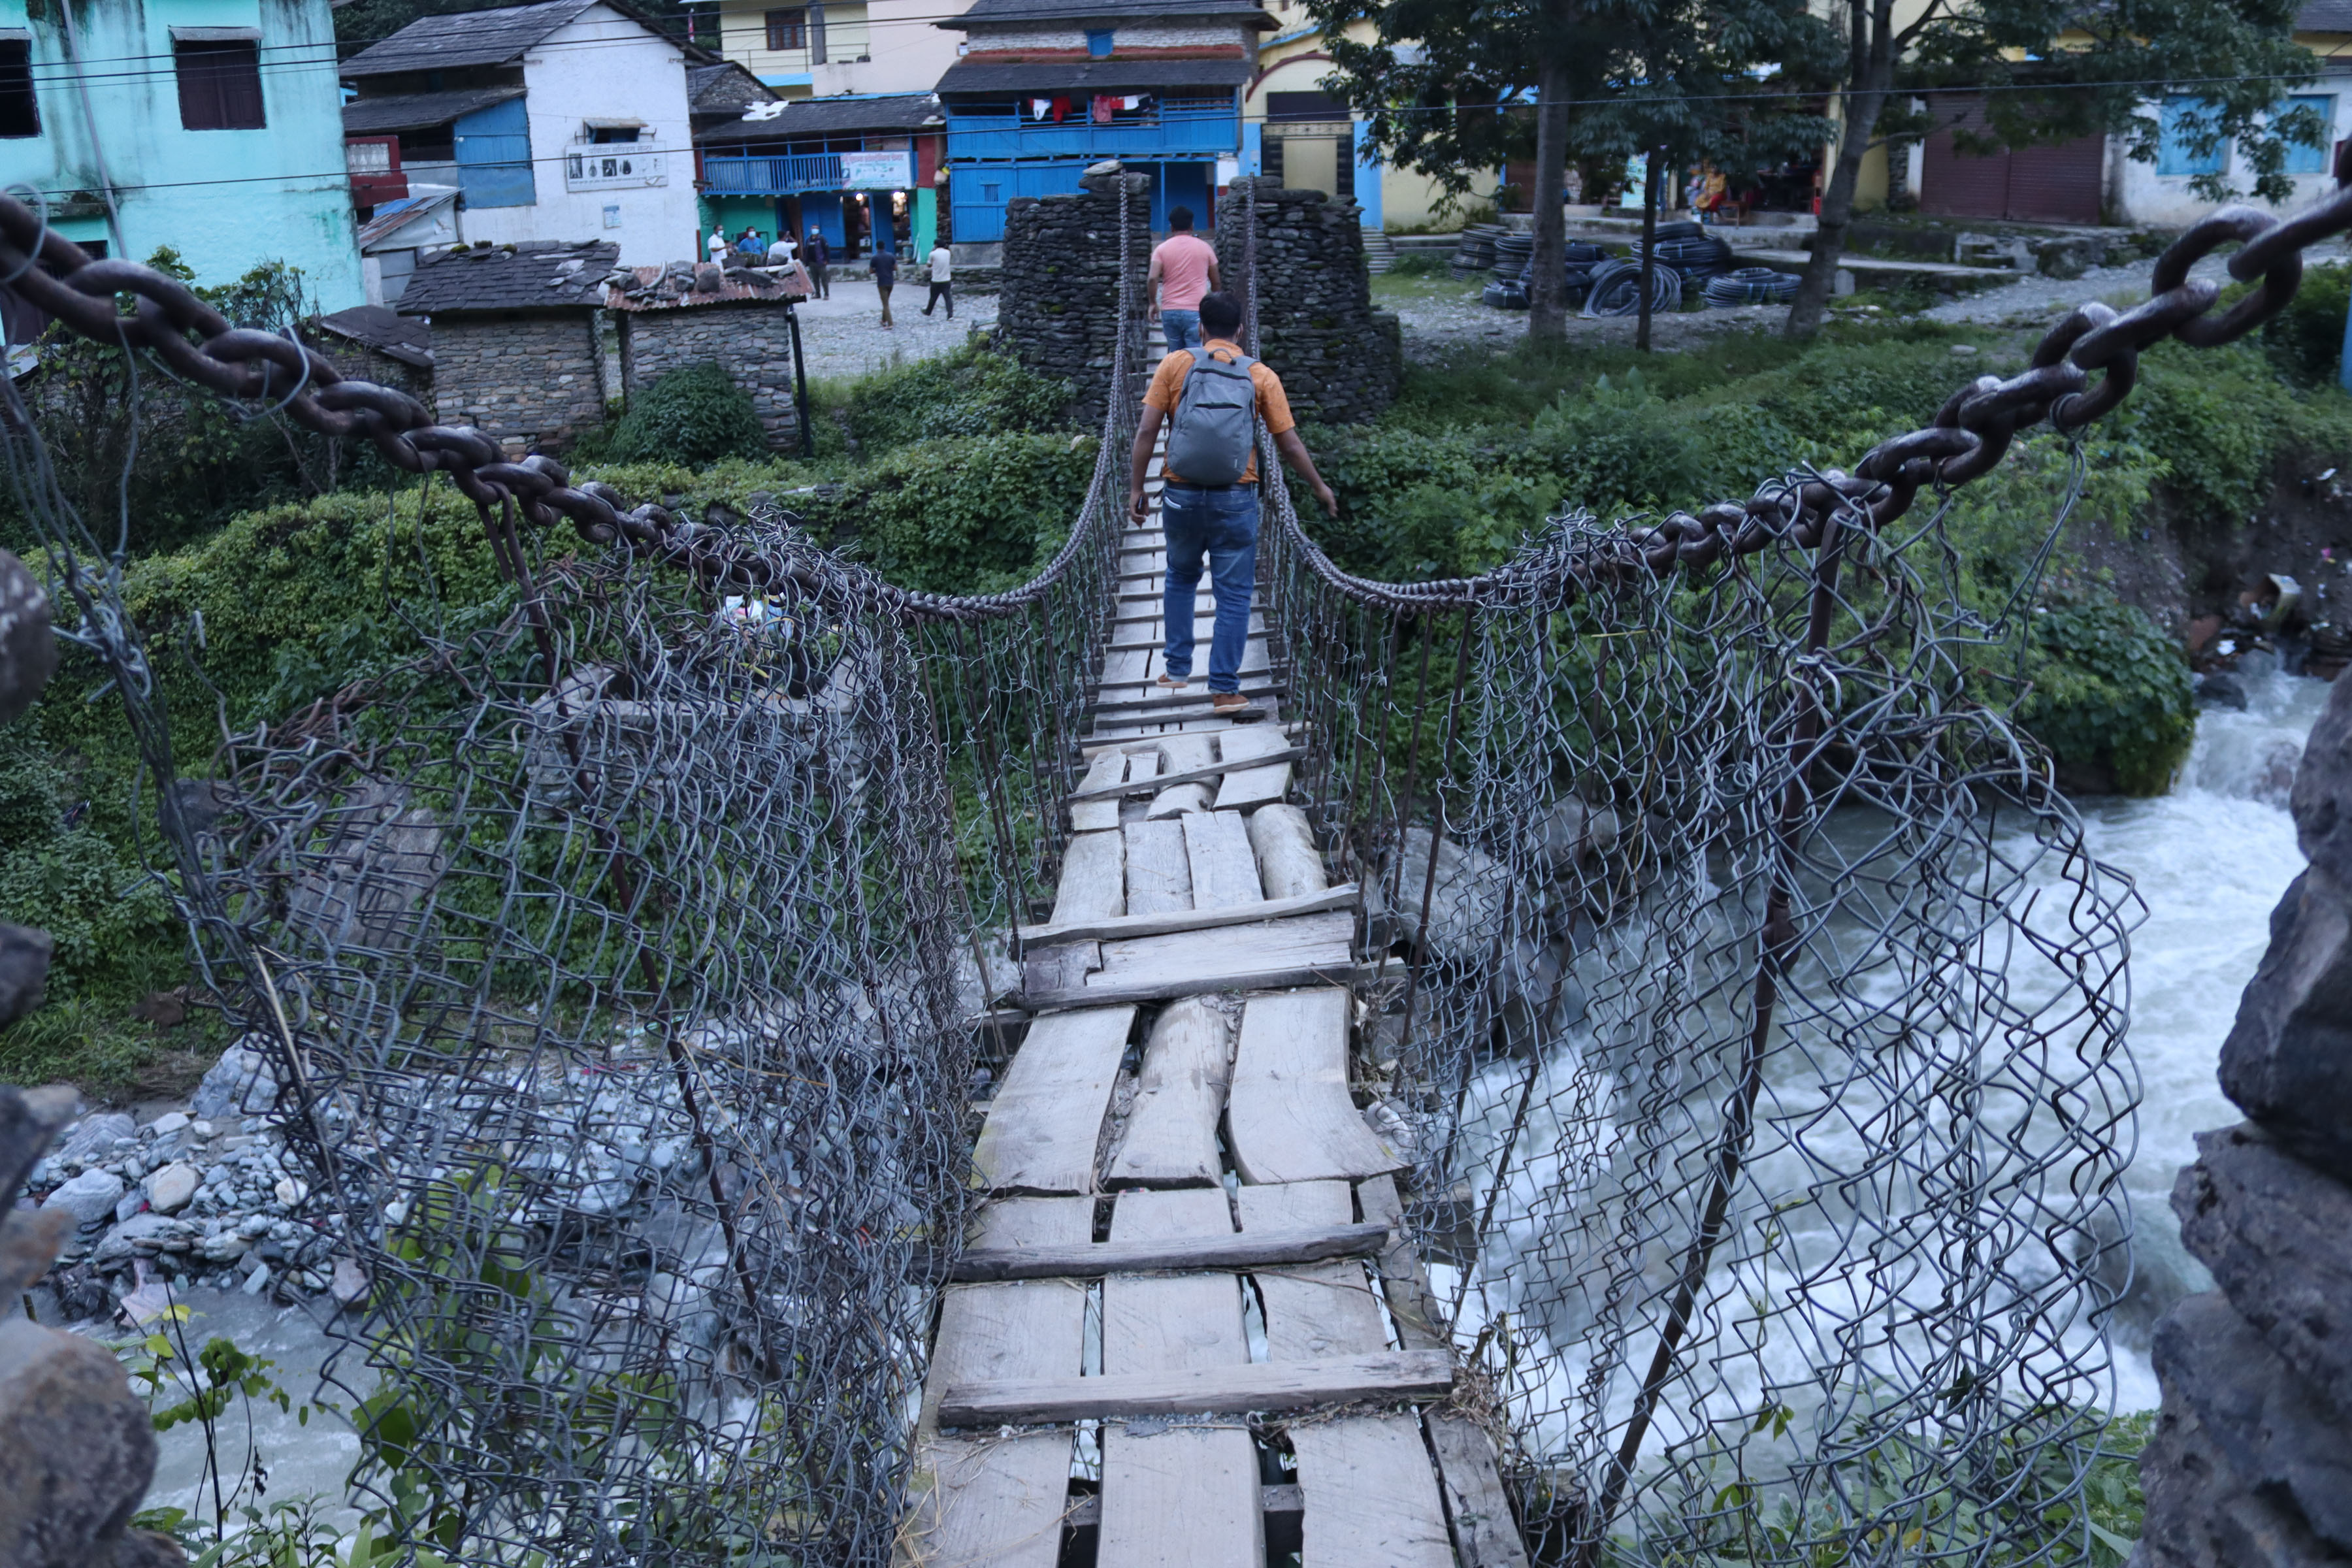 बागलुङको गलकोट नगरपालिका-२, नरेठाँटीस्थित गौदी खोलामाथिको जीर्ण अवस्थामा रहेको झोलुङ्गे पुल। तस्बिरः रासस